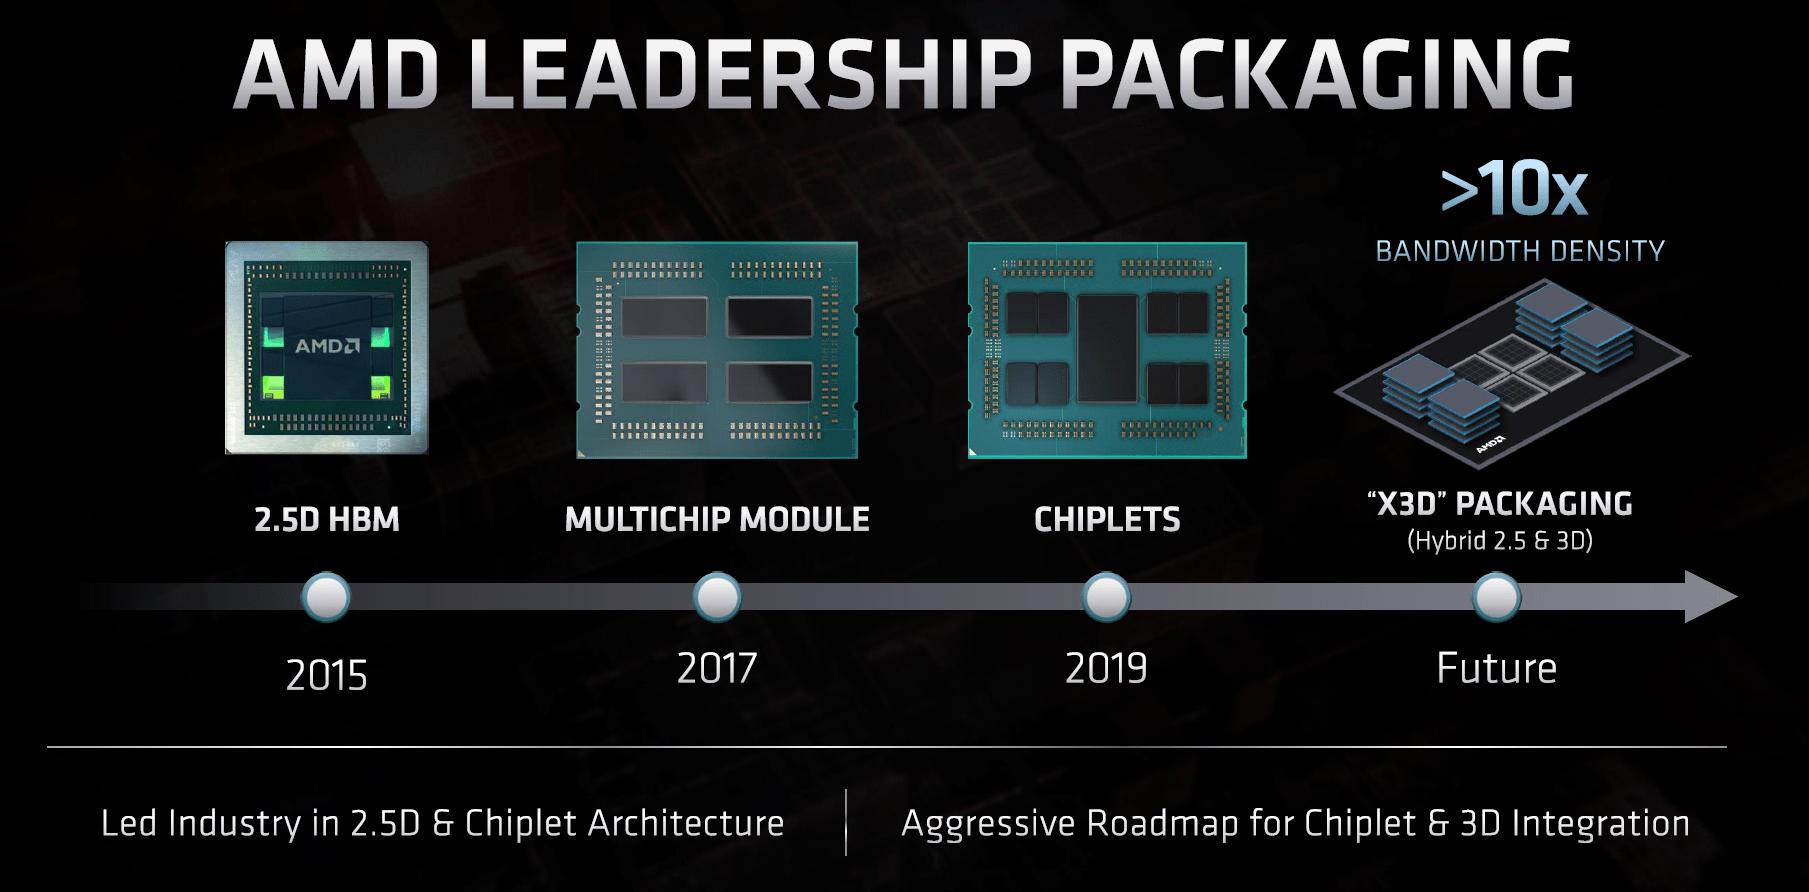 Packaging bleibt ein wichtiger Baustein bei AMD